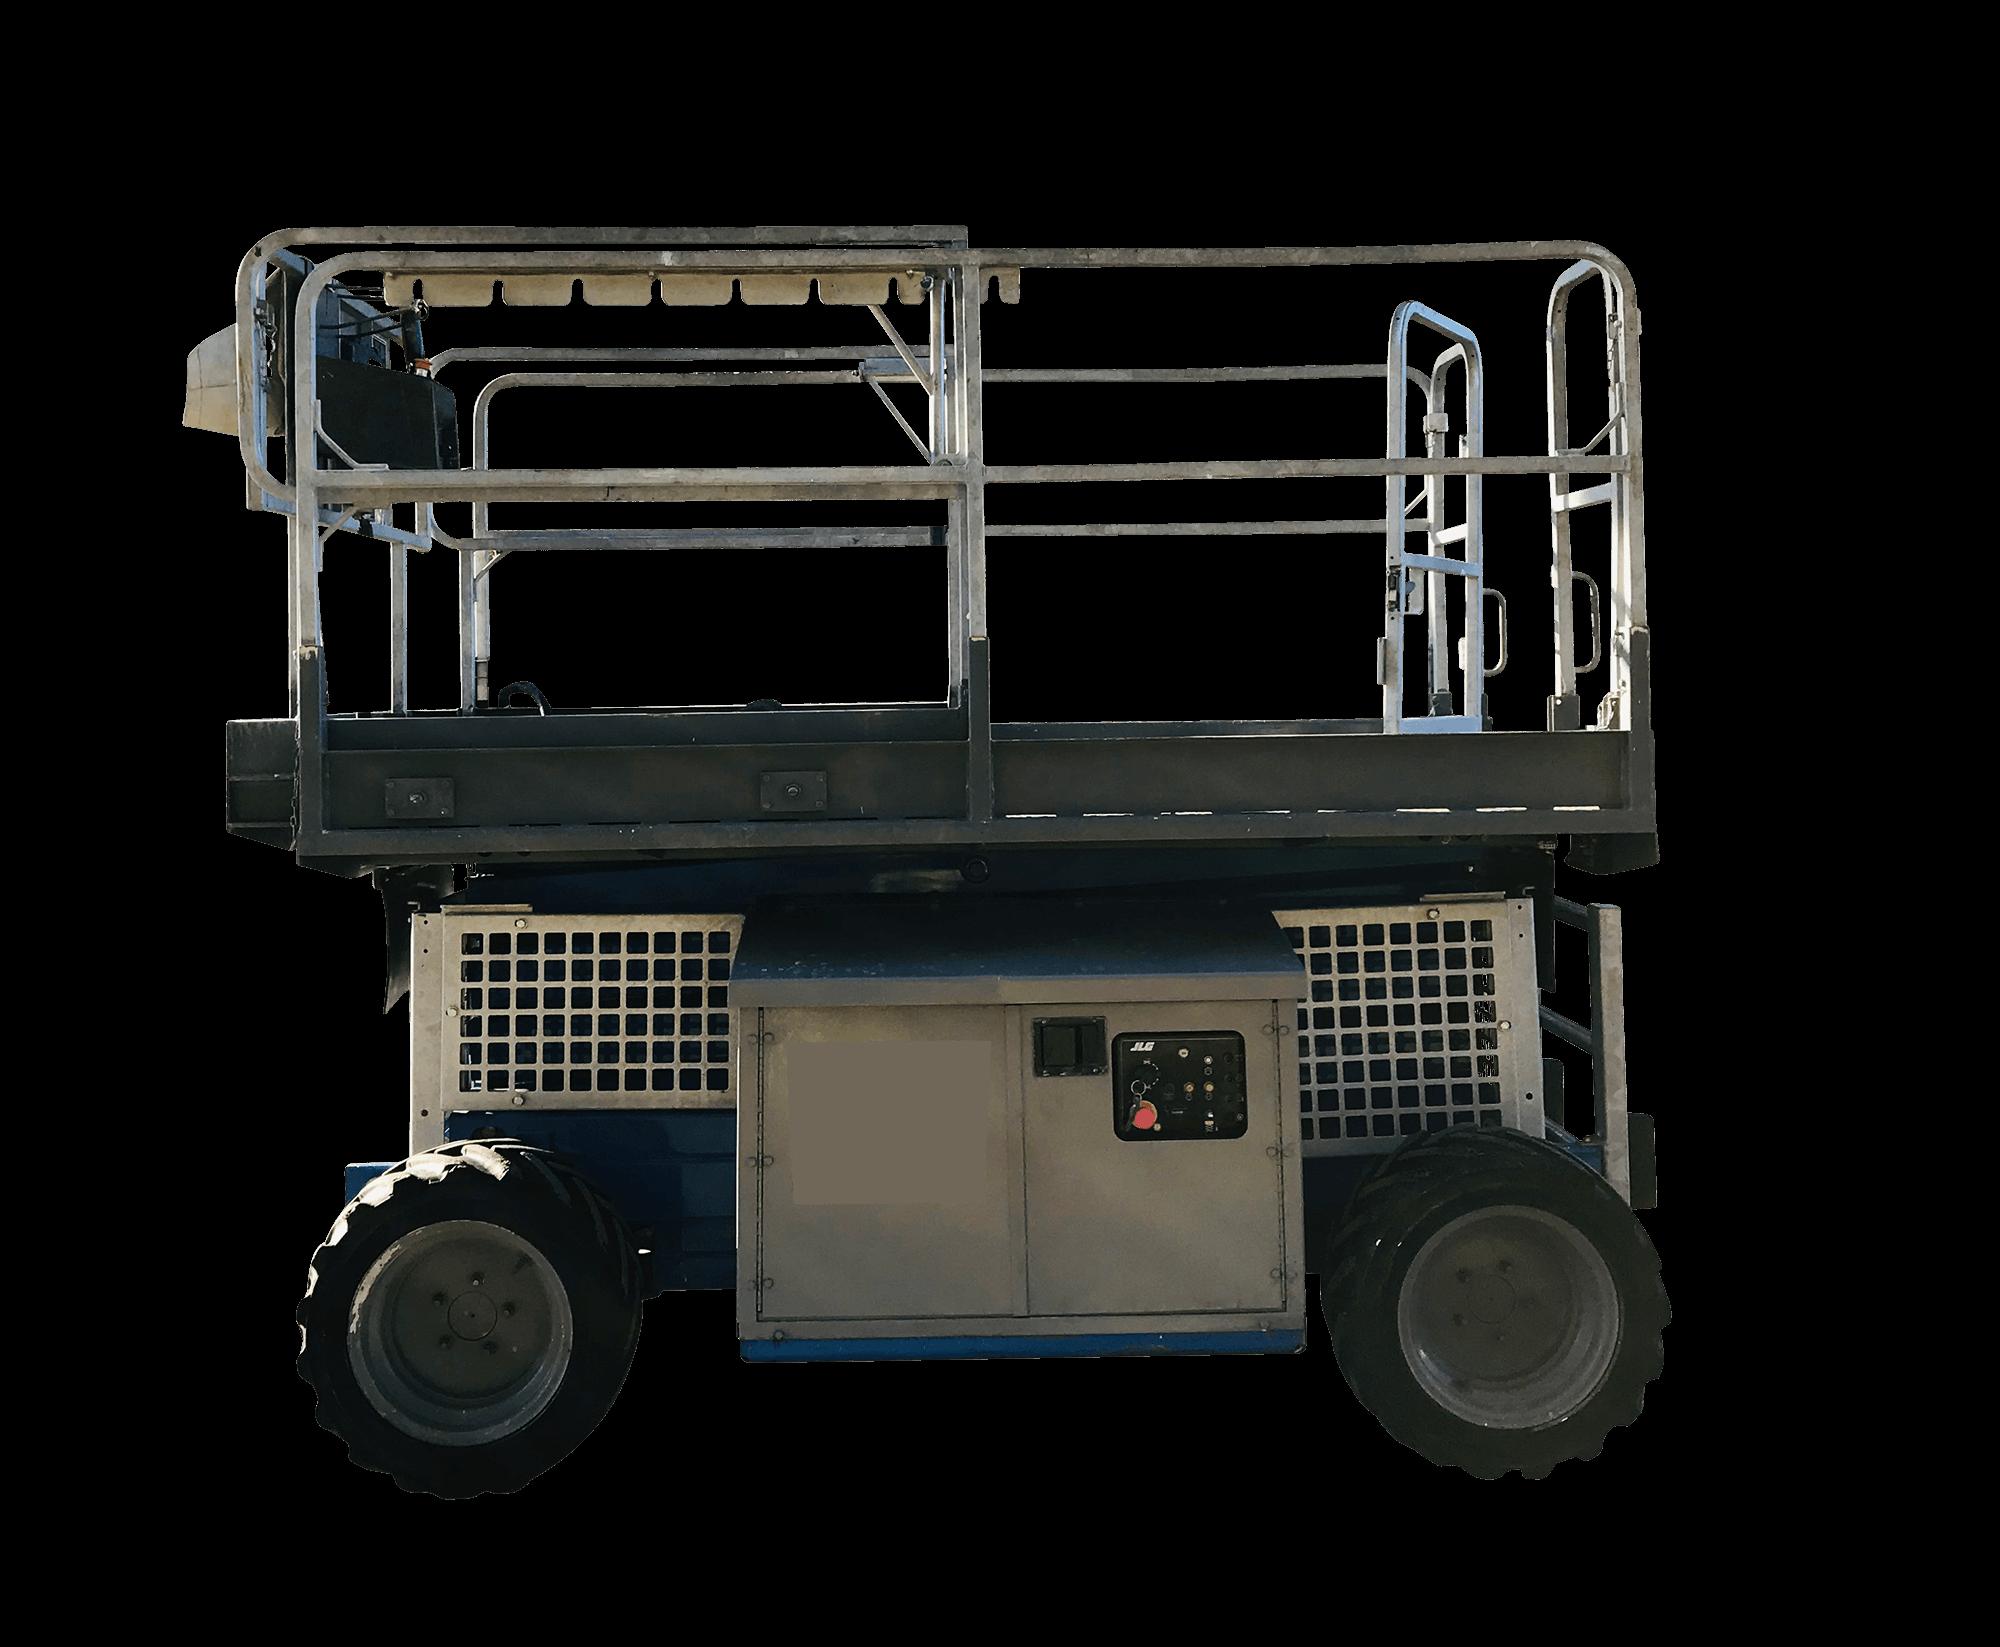 S099/DA18 - Diesel Allrad - 4,1 t Scherenarbeitsbühne